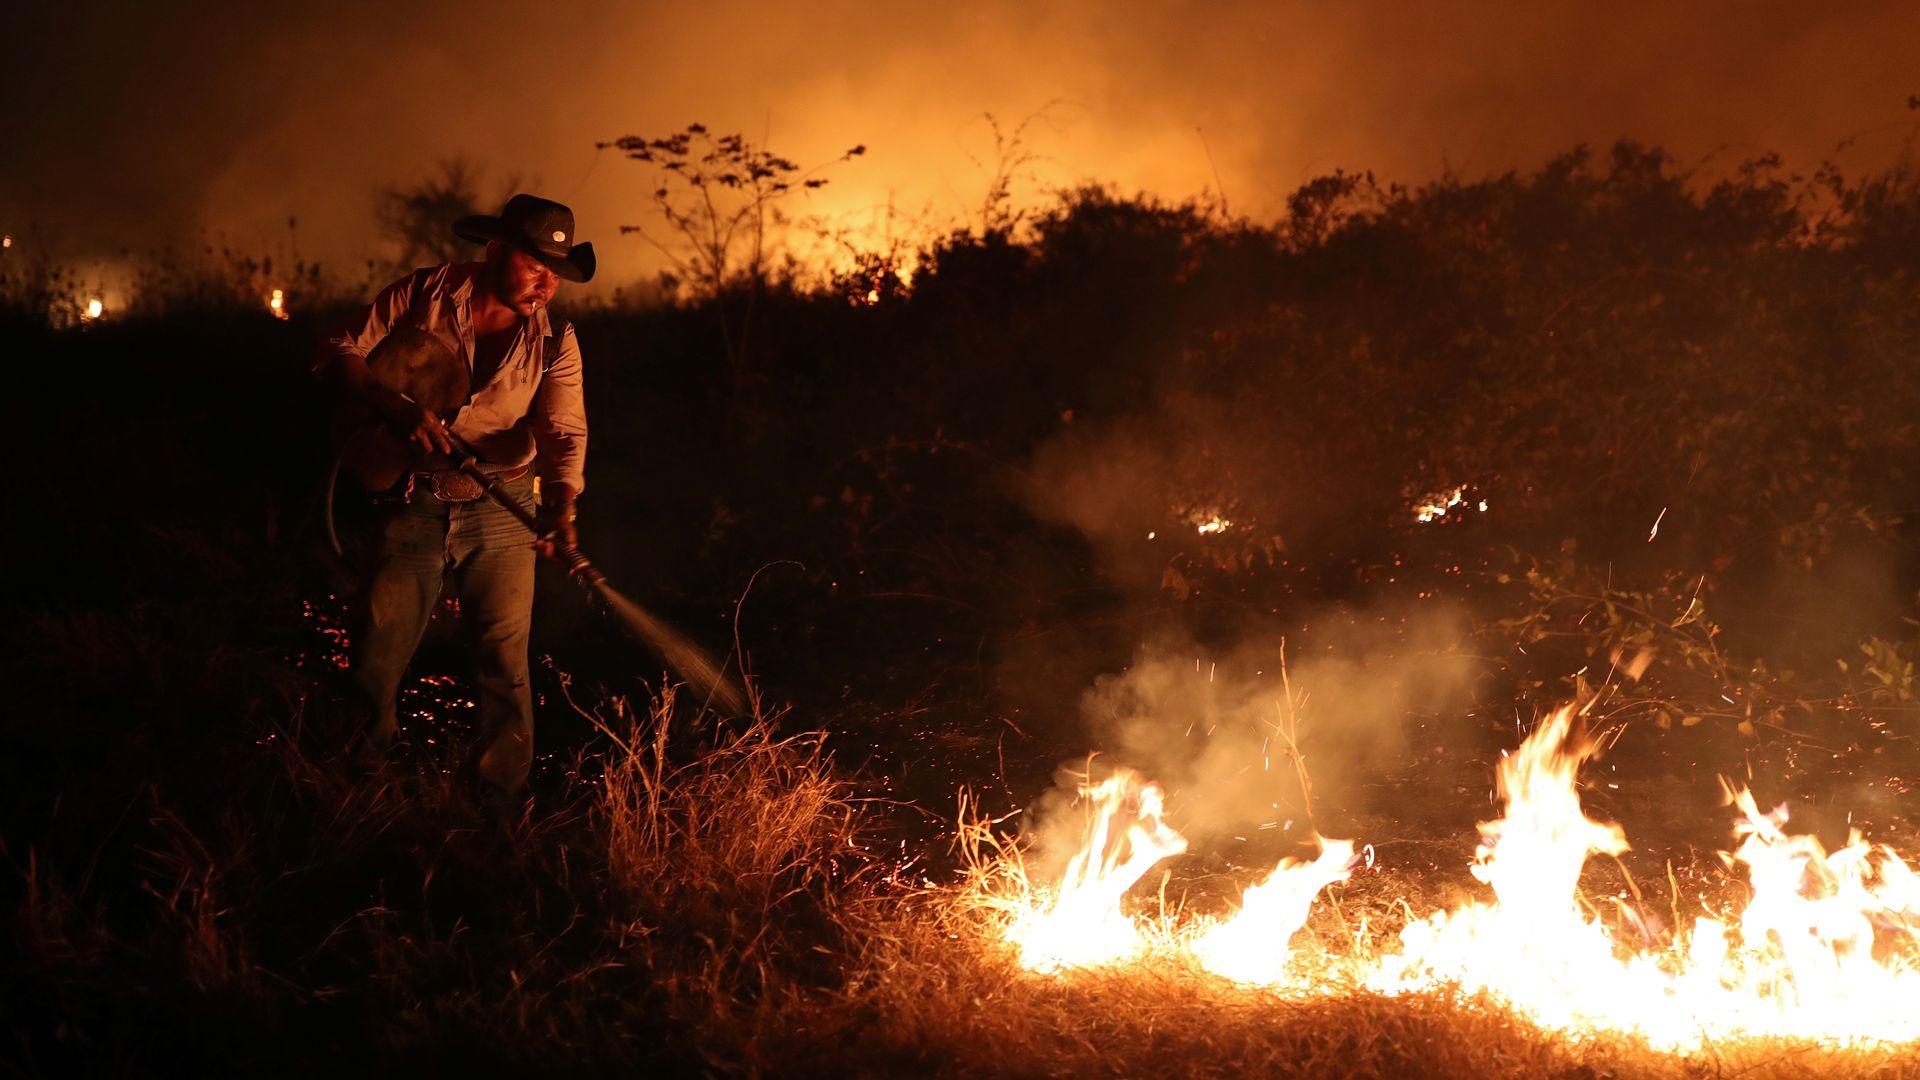 Sebastião Baldi Silva Junior, 40, que trabalha em uma fazenda, tenta apagar um incêndio em uma fazenda no Pantanal, a maior área úmida do mundo, em Pocone, Mato Grosso, Brasil, 26 de agosto de 2020. TPX IMAGENS DO DIA PROCURE ESTA HISTÓRIA